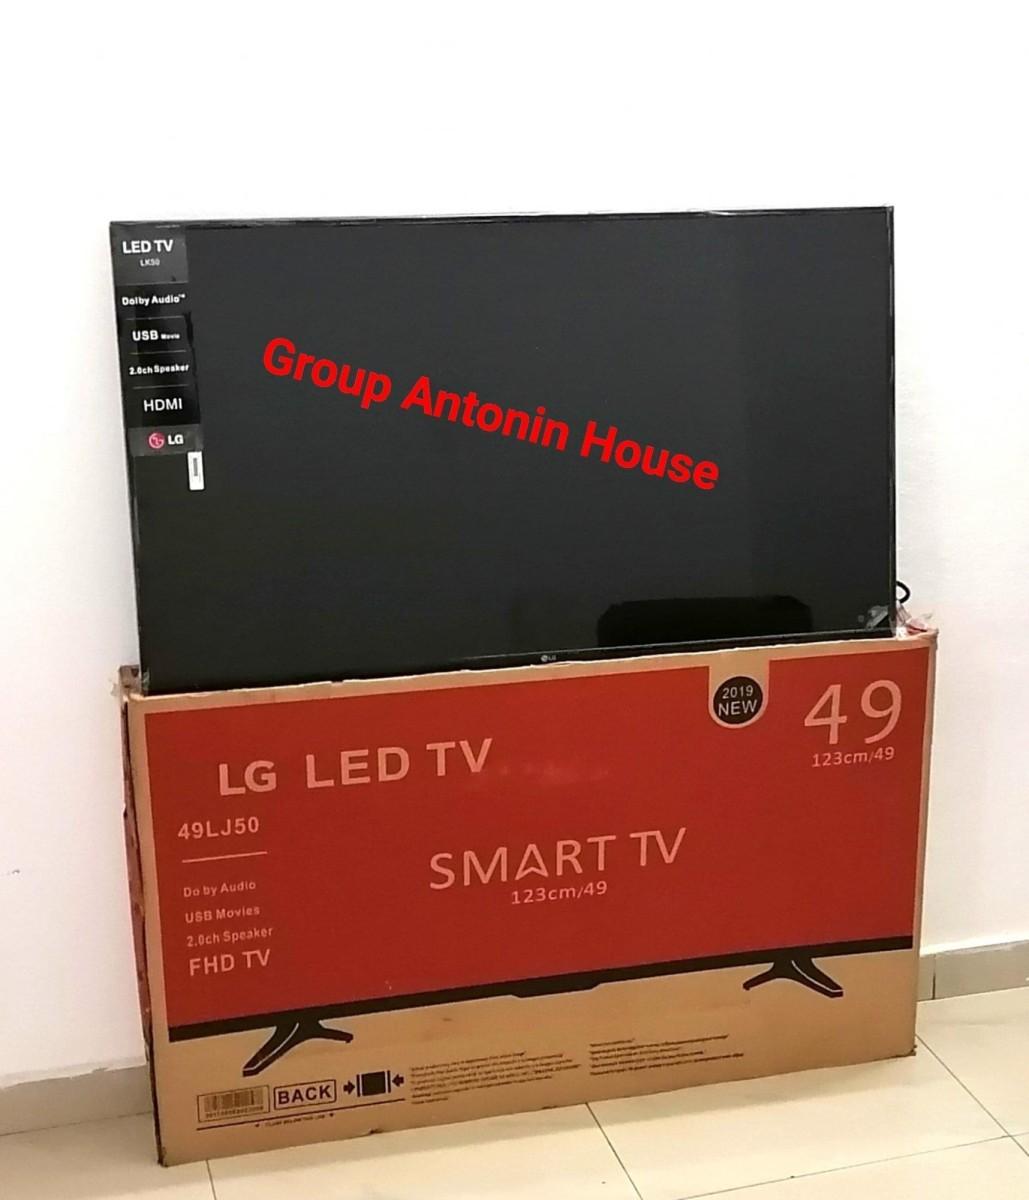 offrez-vous-des-televisions-led-full-option-smart-4k-a-des-prix-reduits-big-2